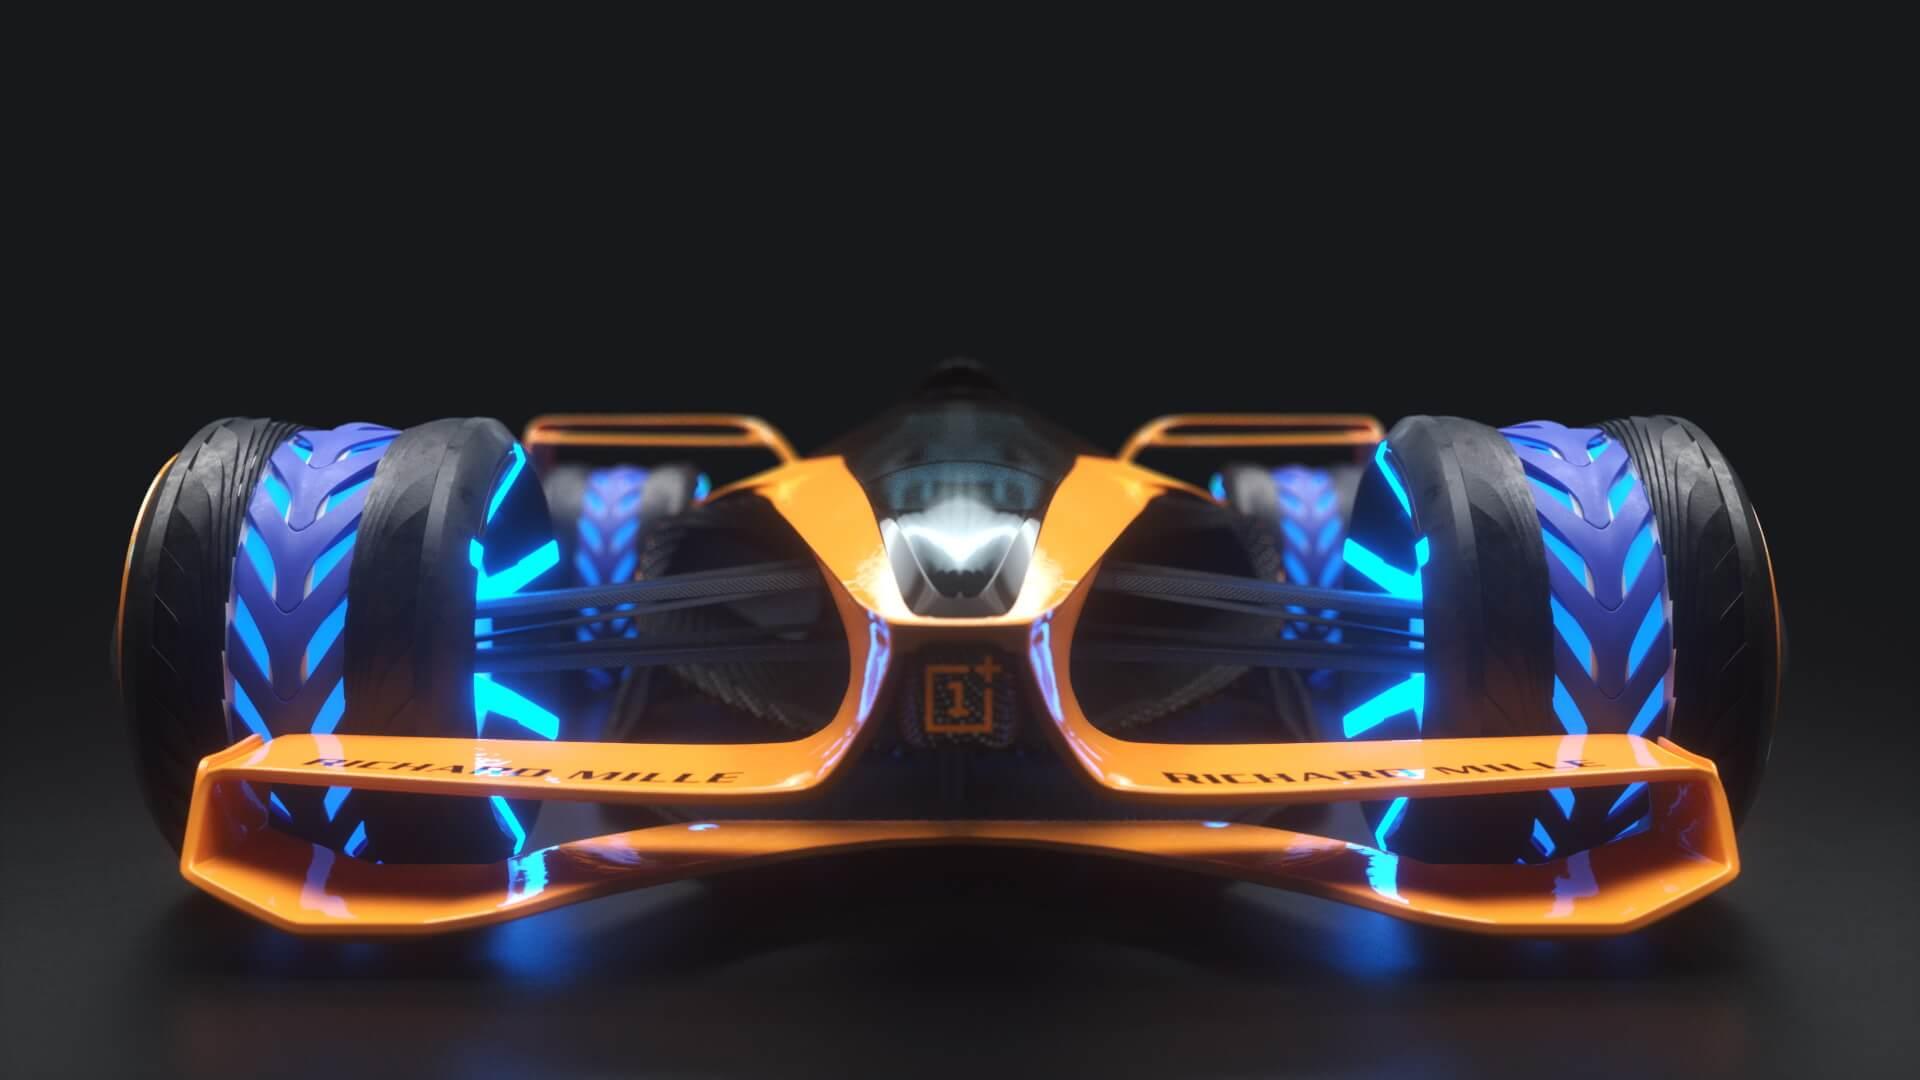 McLaren представил, каким будет болид Formula 1 в 2050 году